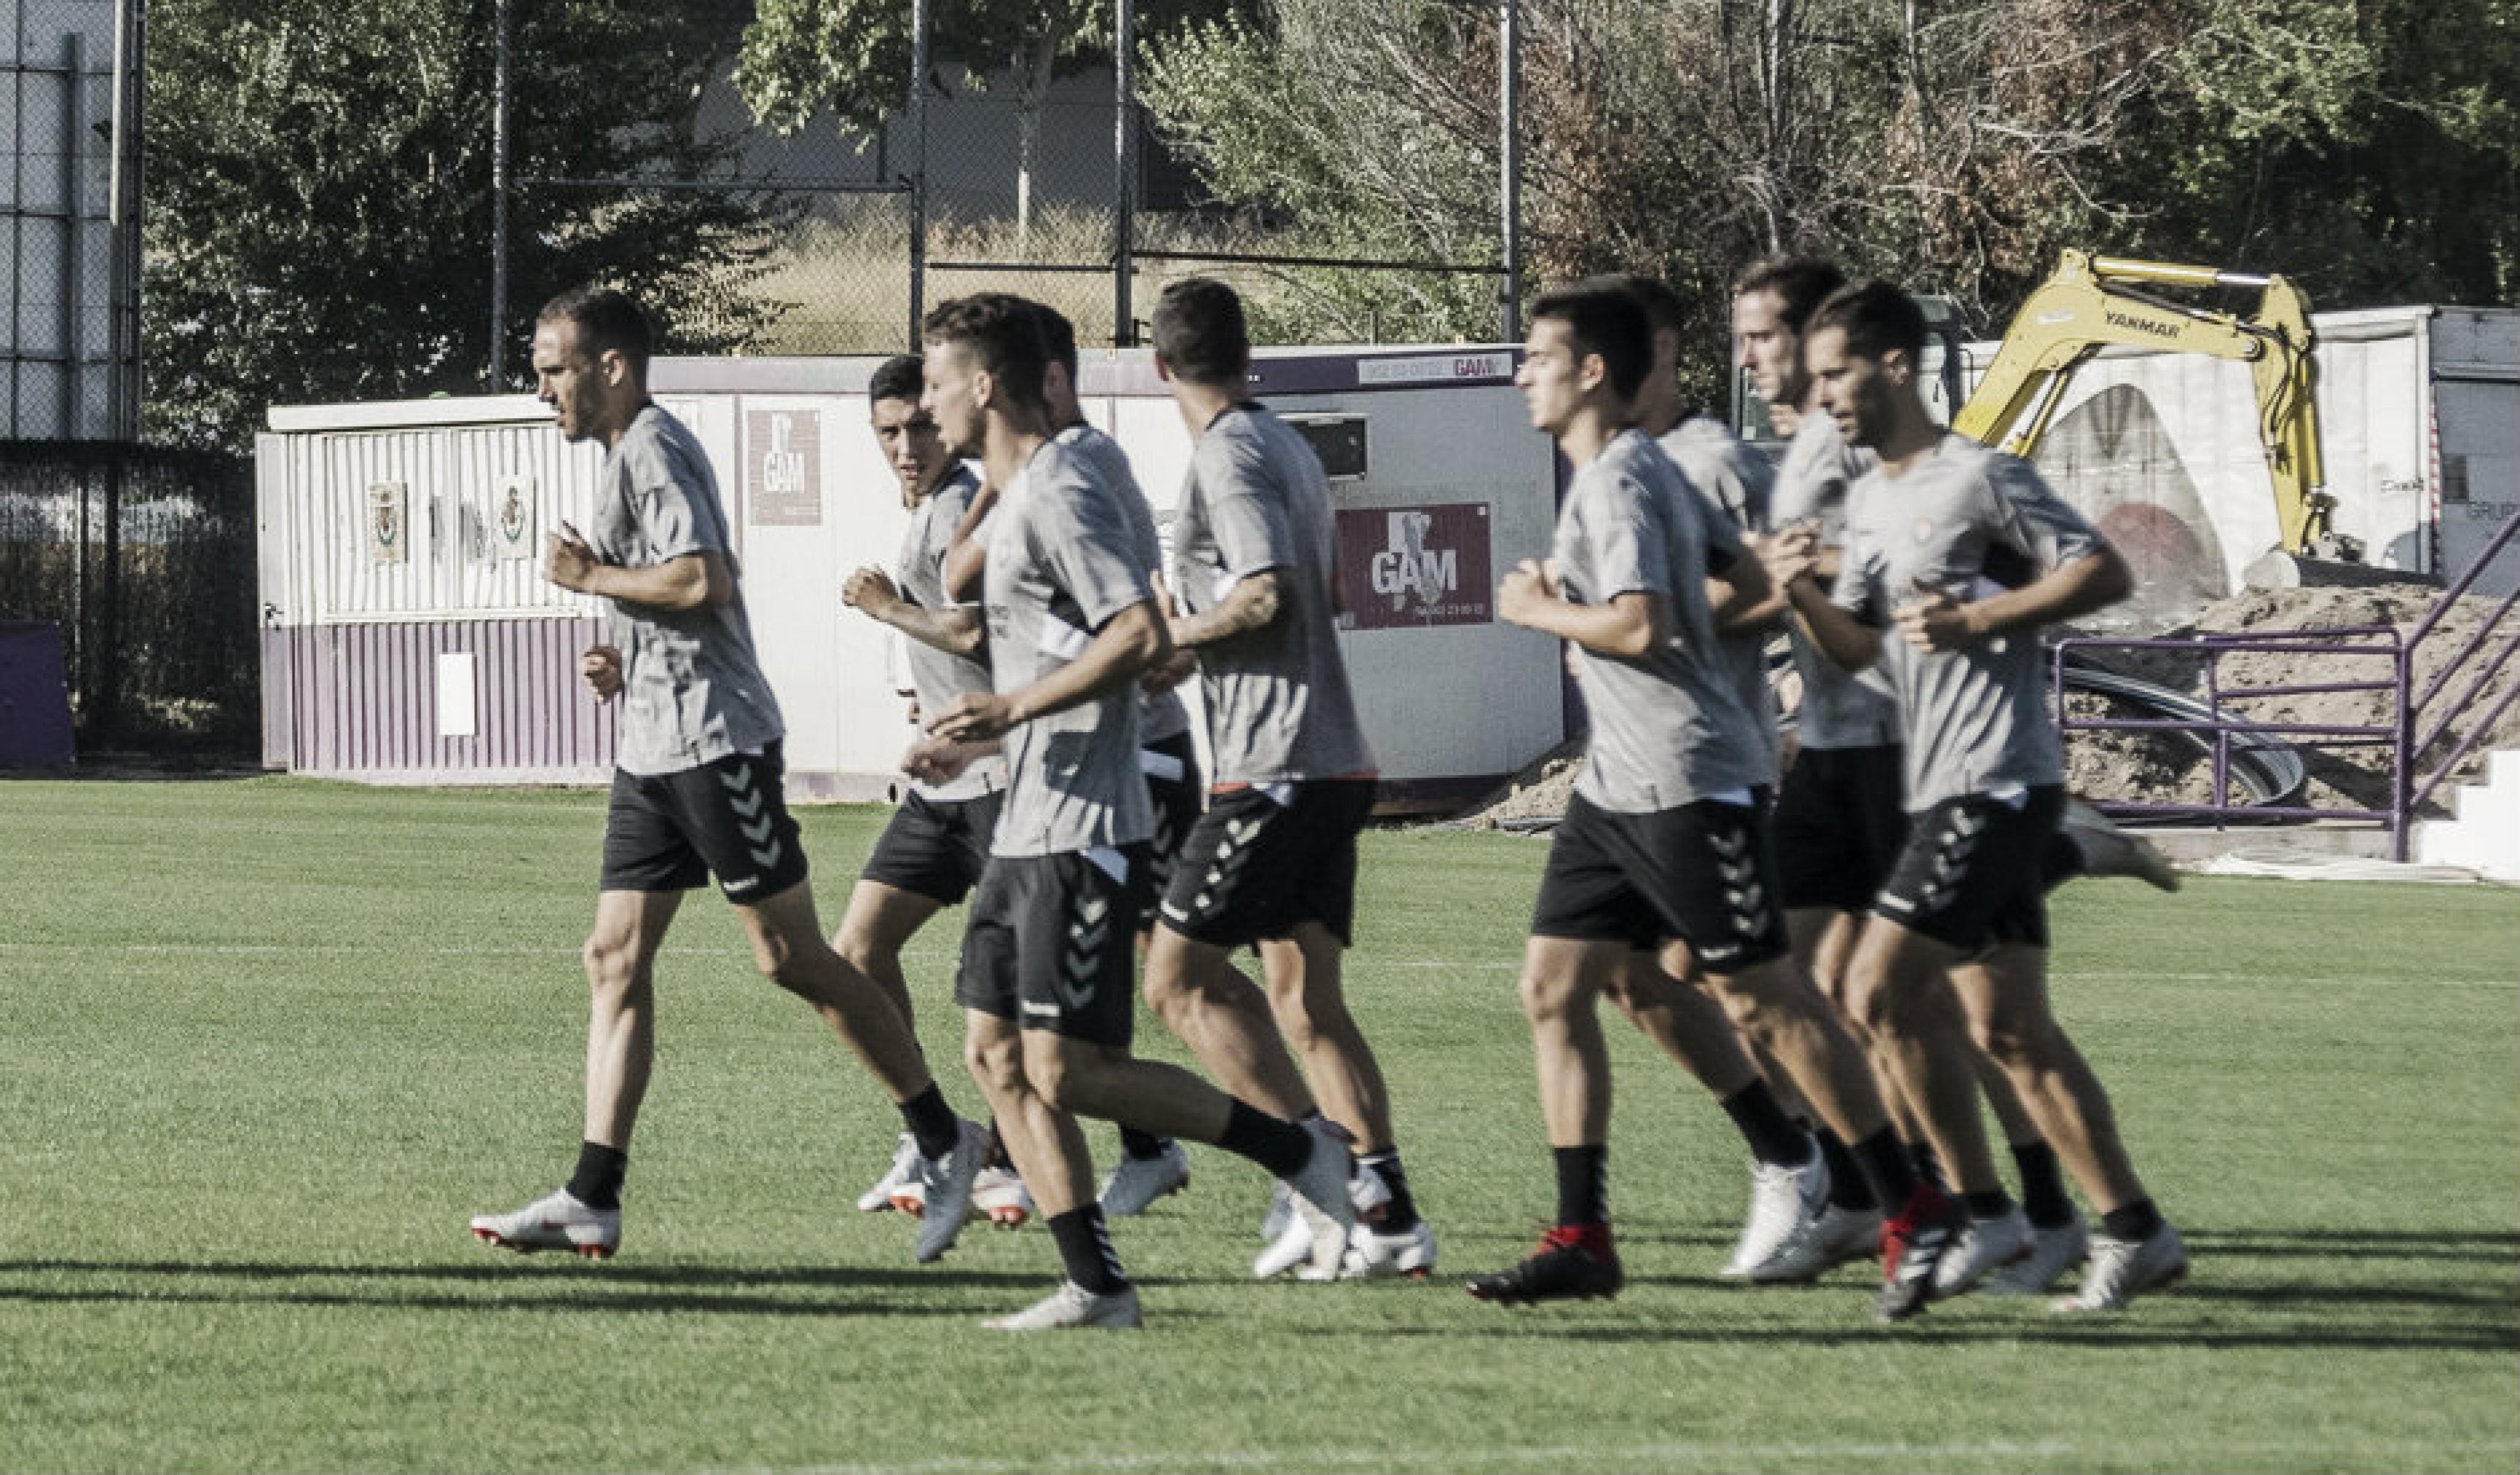 Agenda semanal del Real Valladolid para preparar la visita a Balaídos